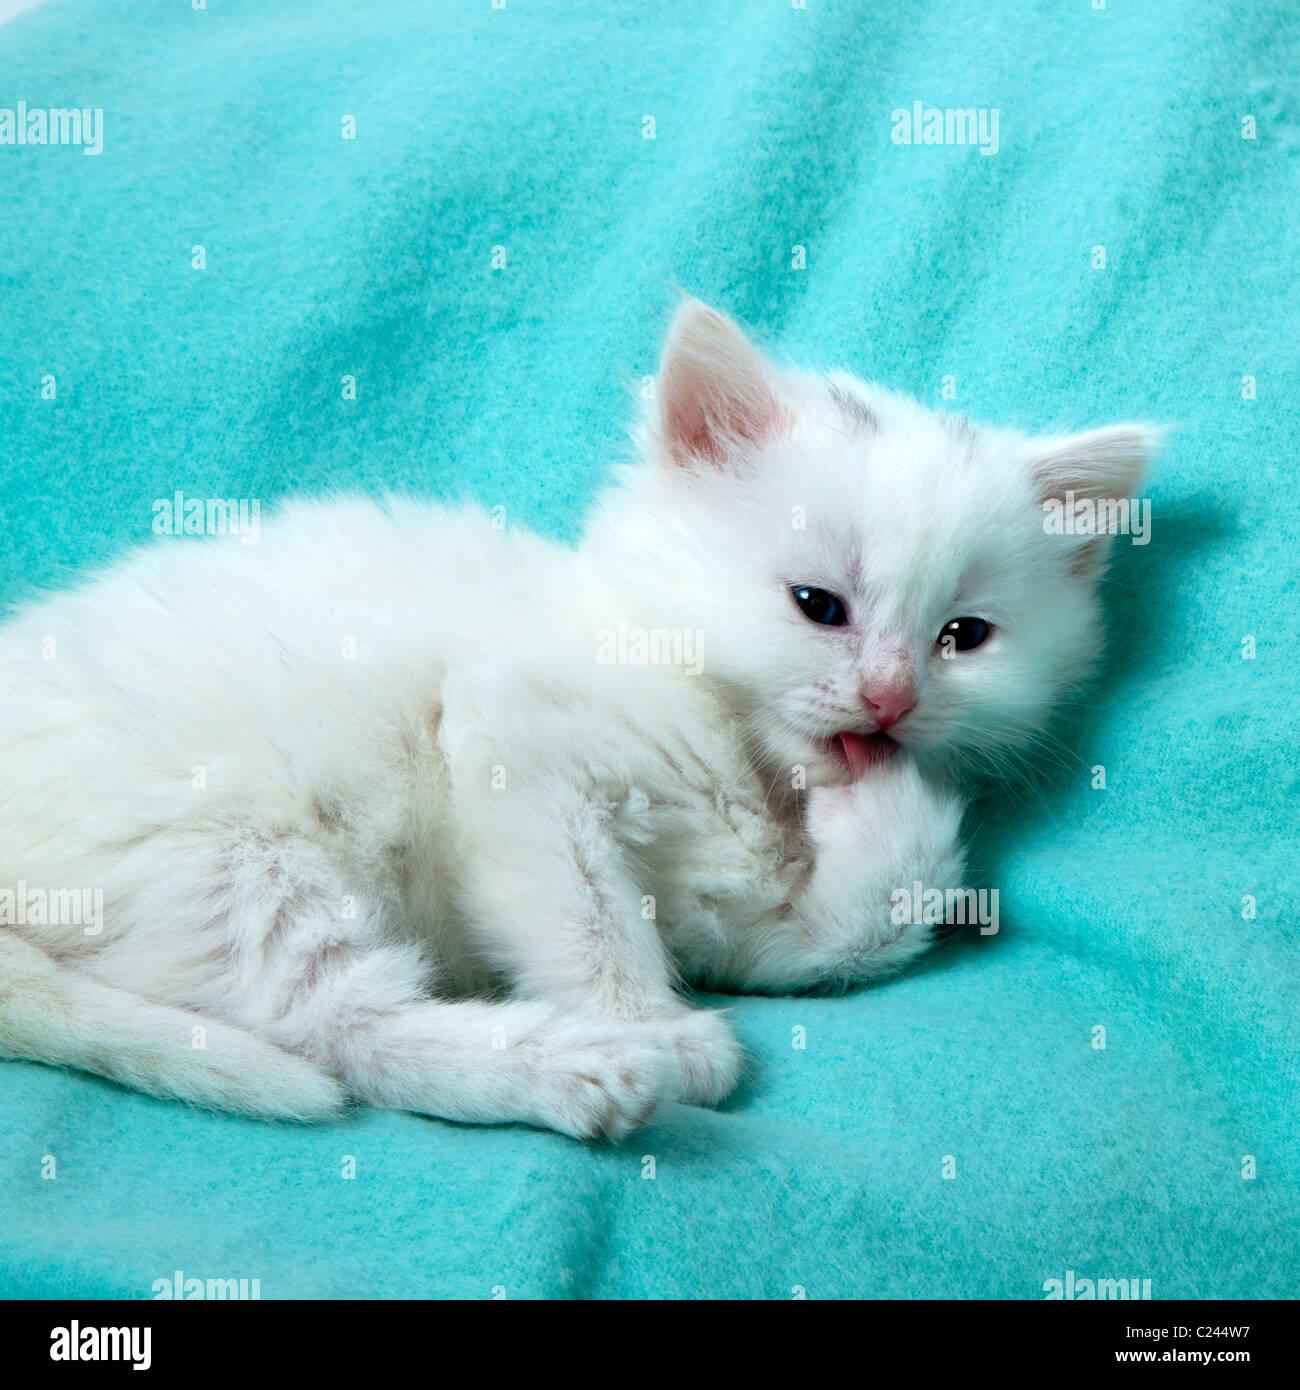 white kitten home alone washing - Stock Image